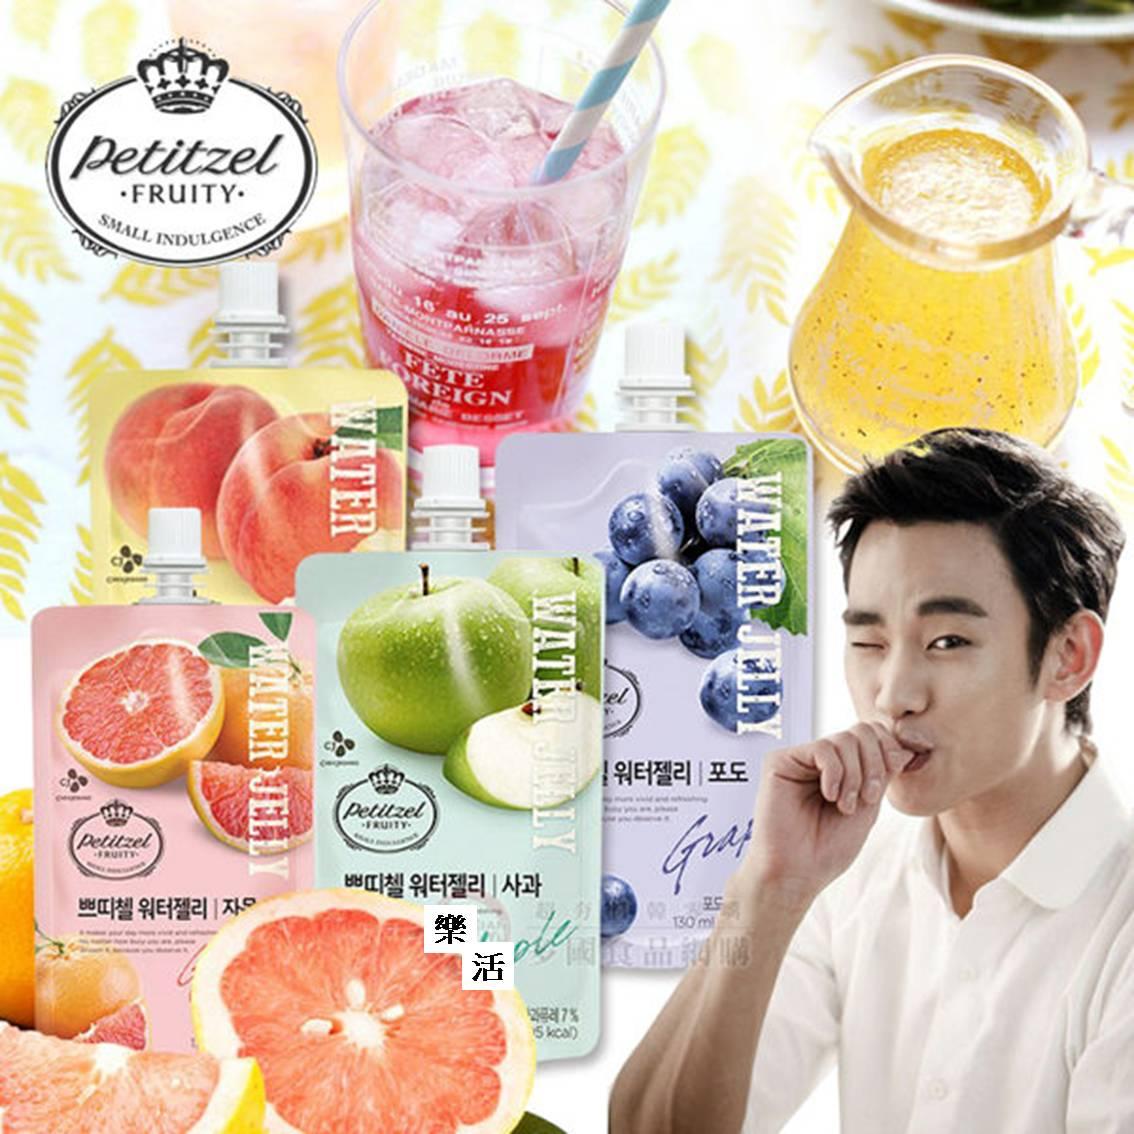 韓國CJ吸吸果凍130ml金秀賢代言 青蘋果/葡萄/蜜桃/葡萄柚  樂活生活館